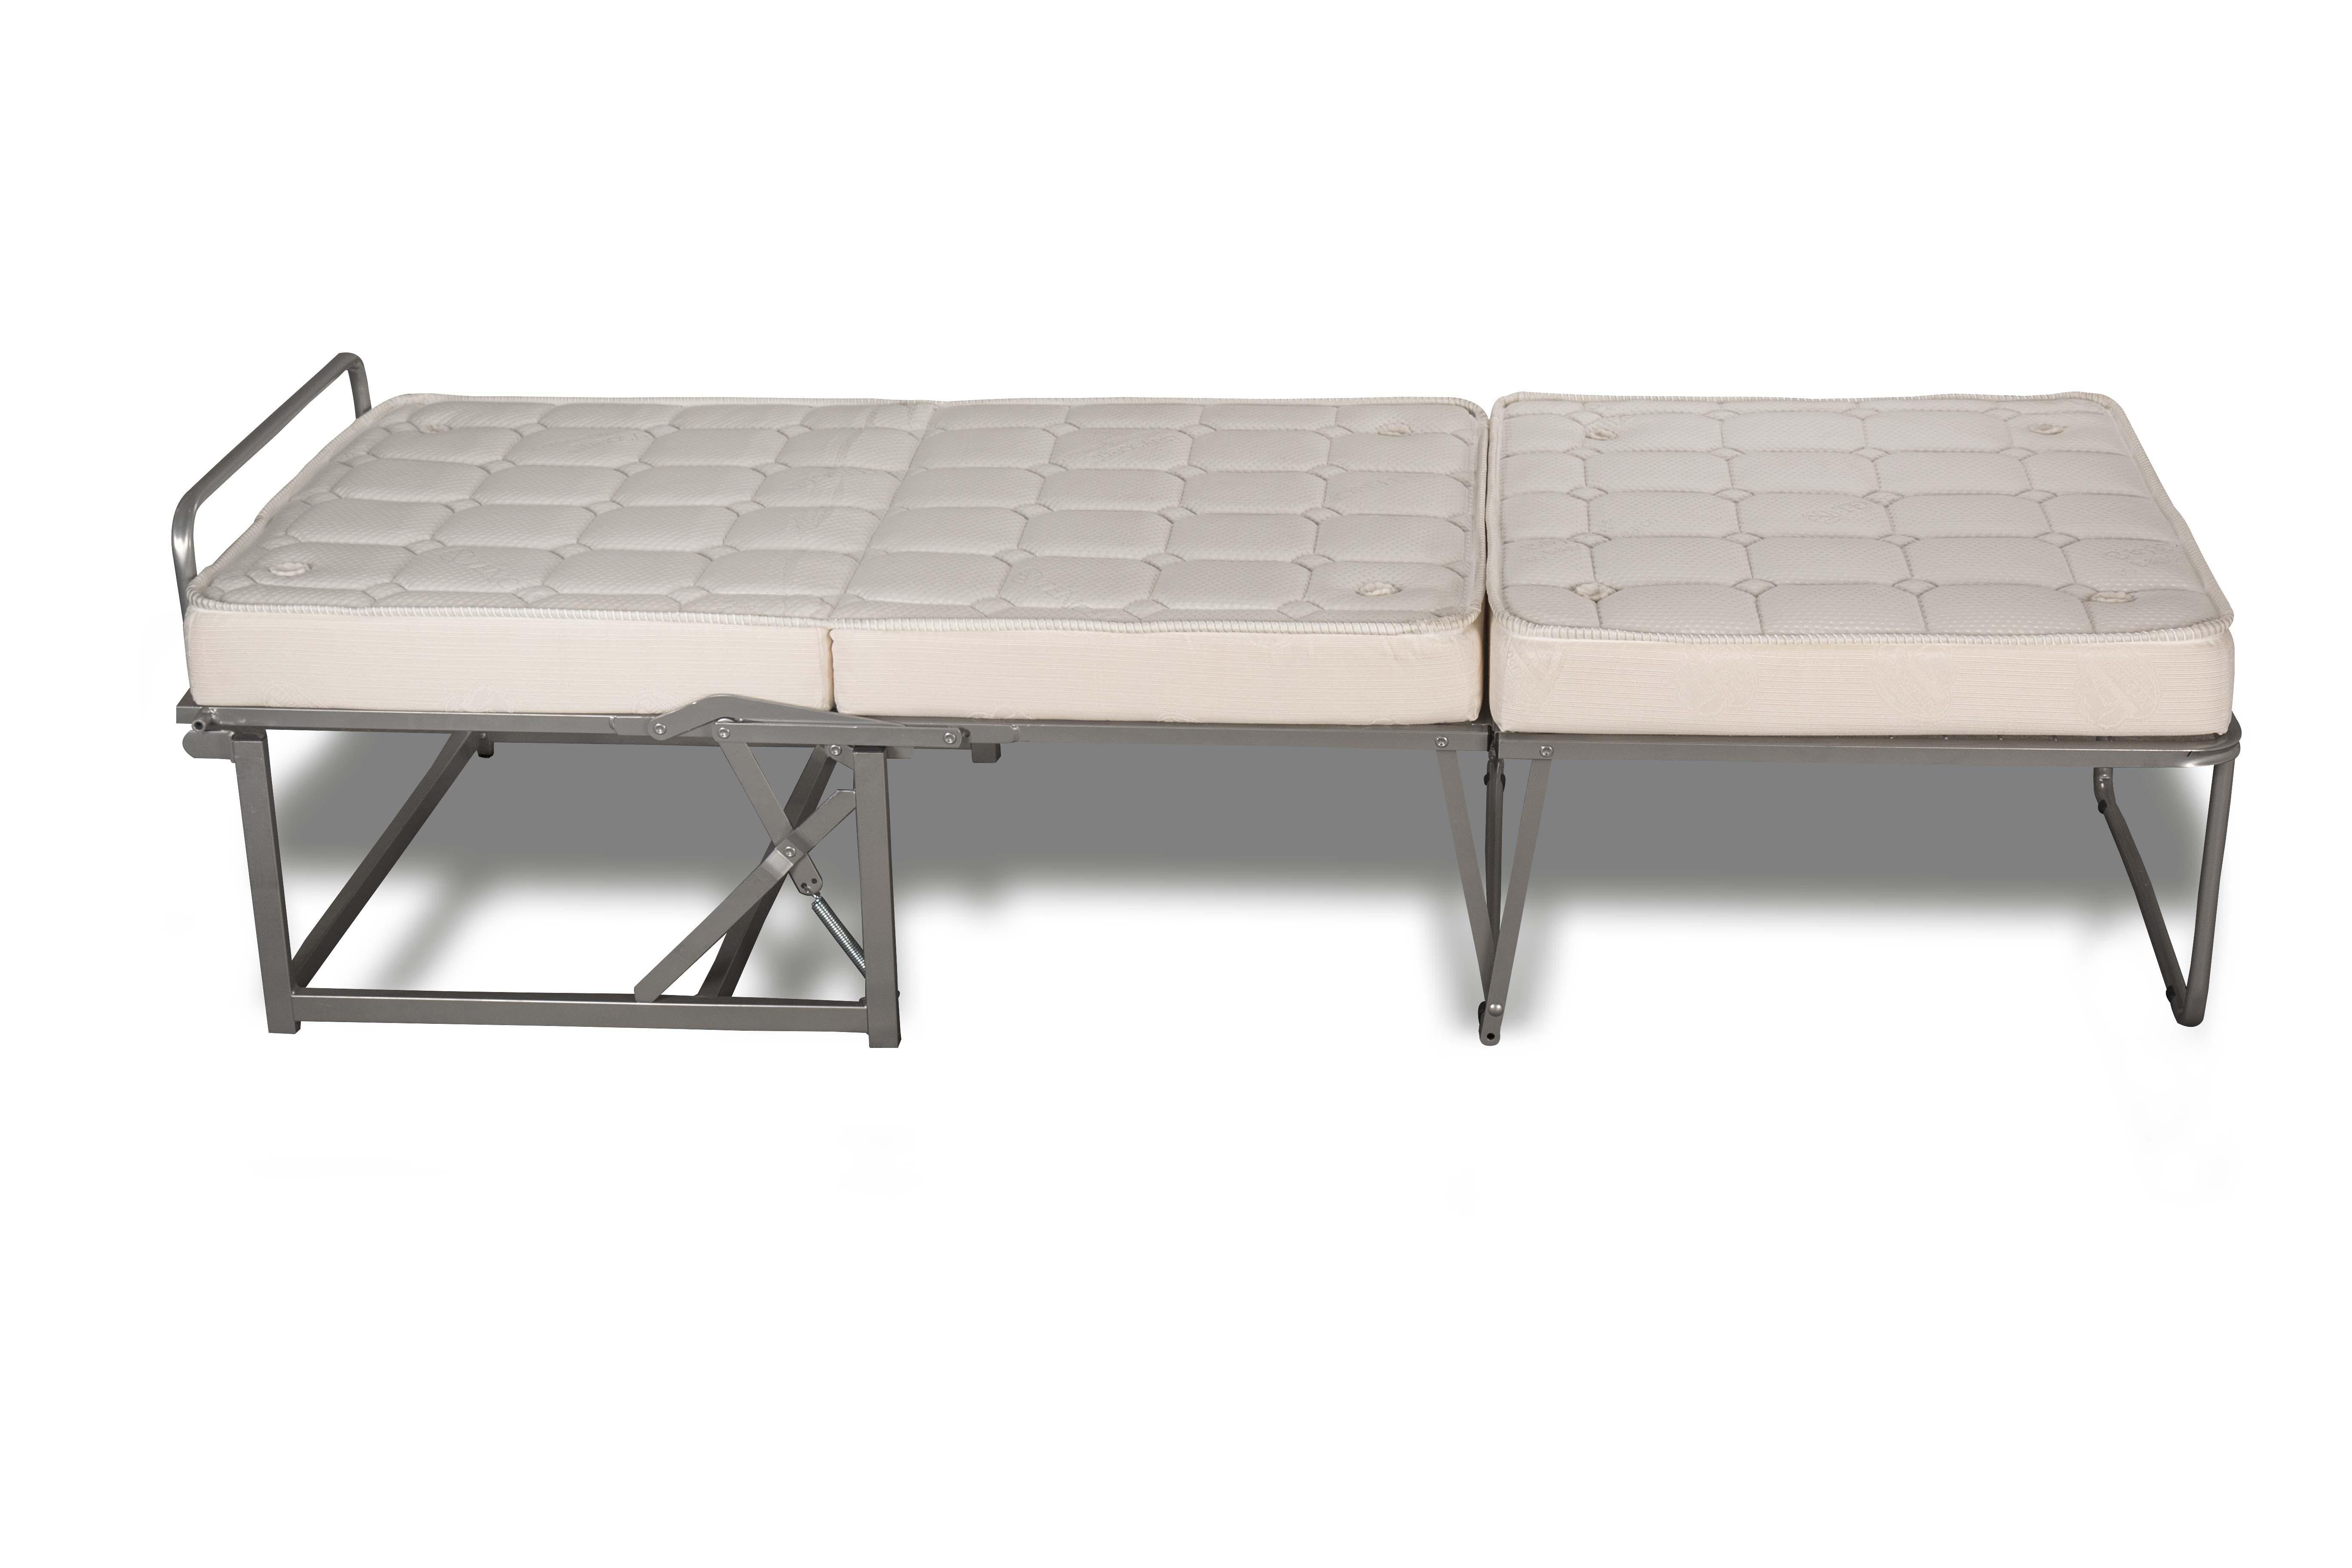 affordable pouf letto da seduta apribile con materasso singolo with ebay pouf letto